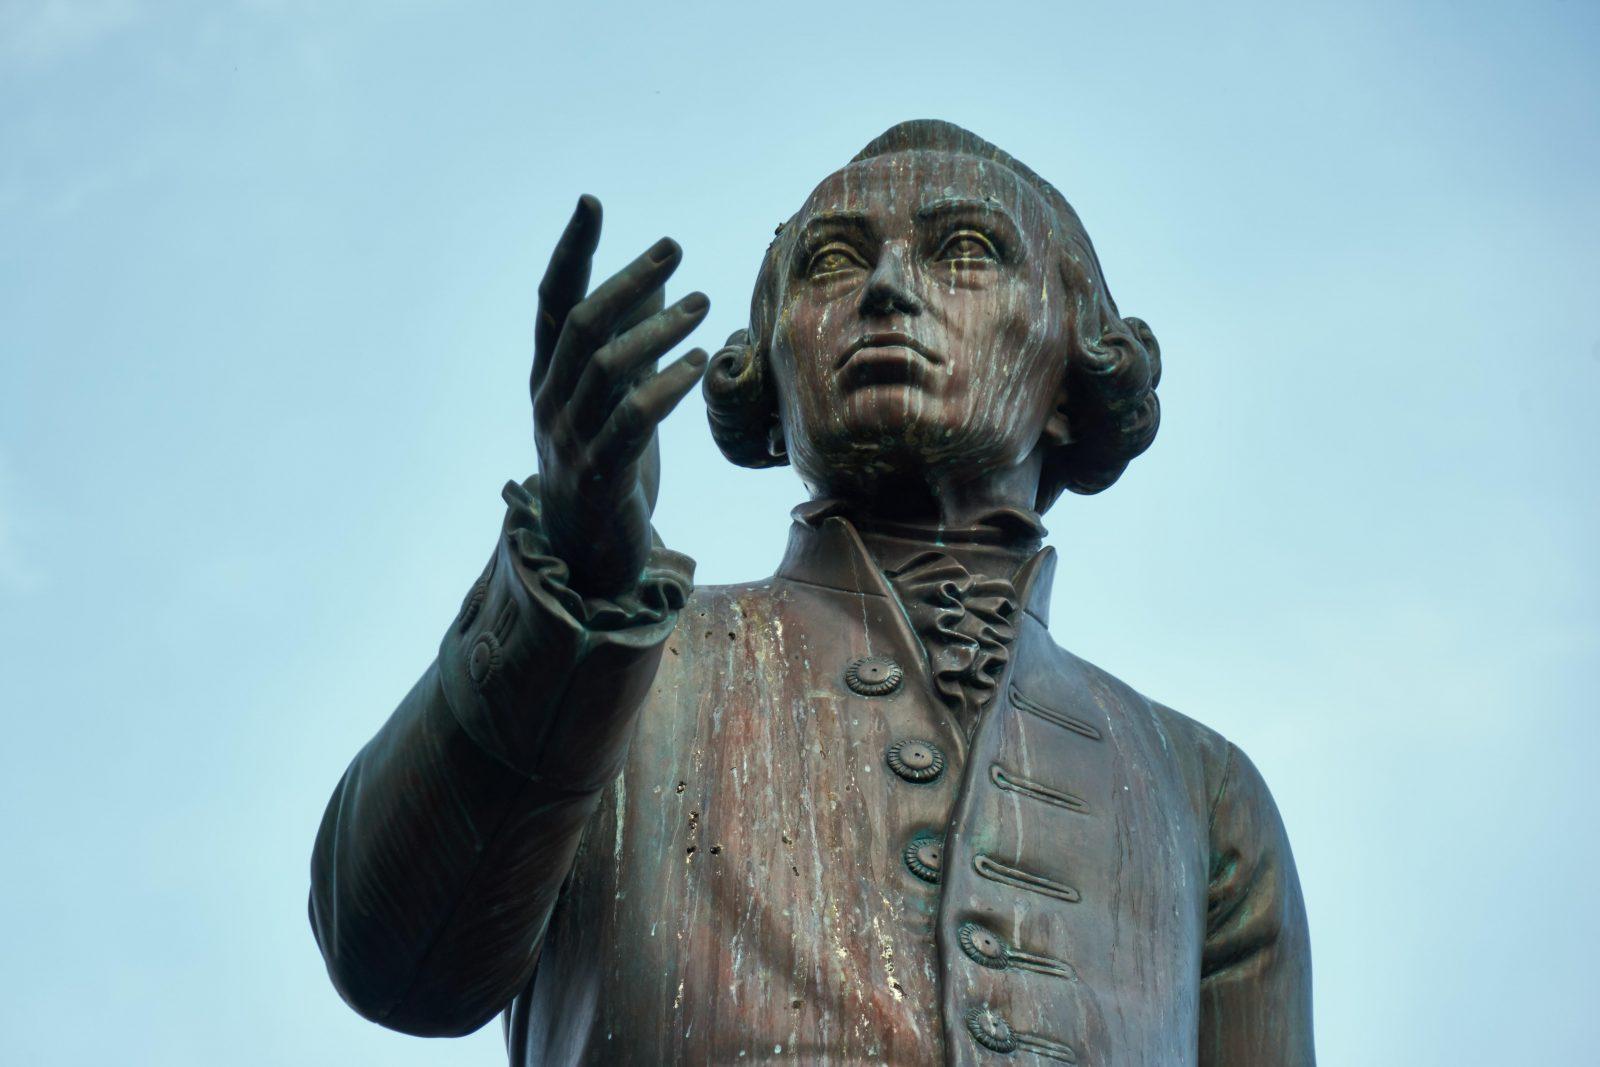 Denkmal für den Philosopen Immanuel Kant in Königsberg: Ein Bonner Historiker nimmt den Denker ins Visier Foto: picture alliance/imageBROKER